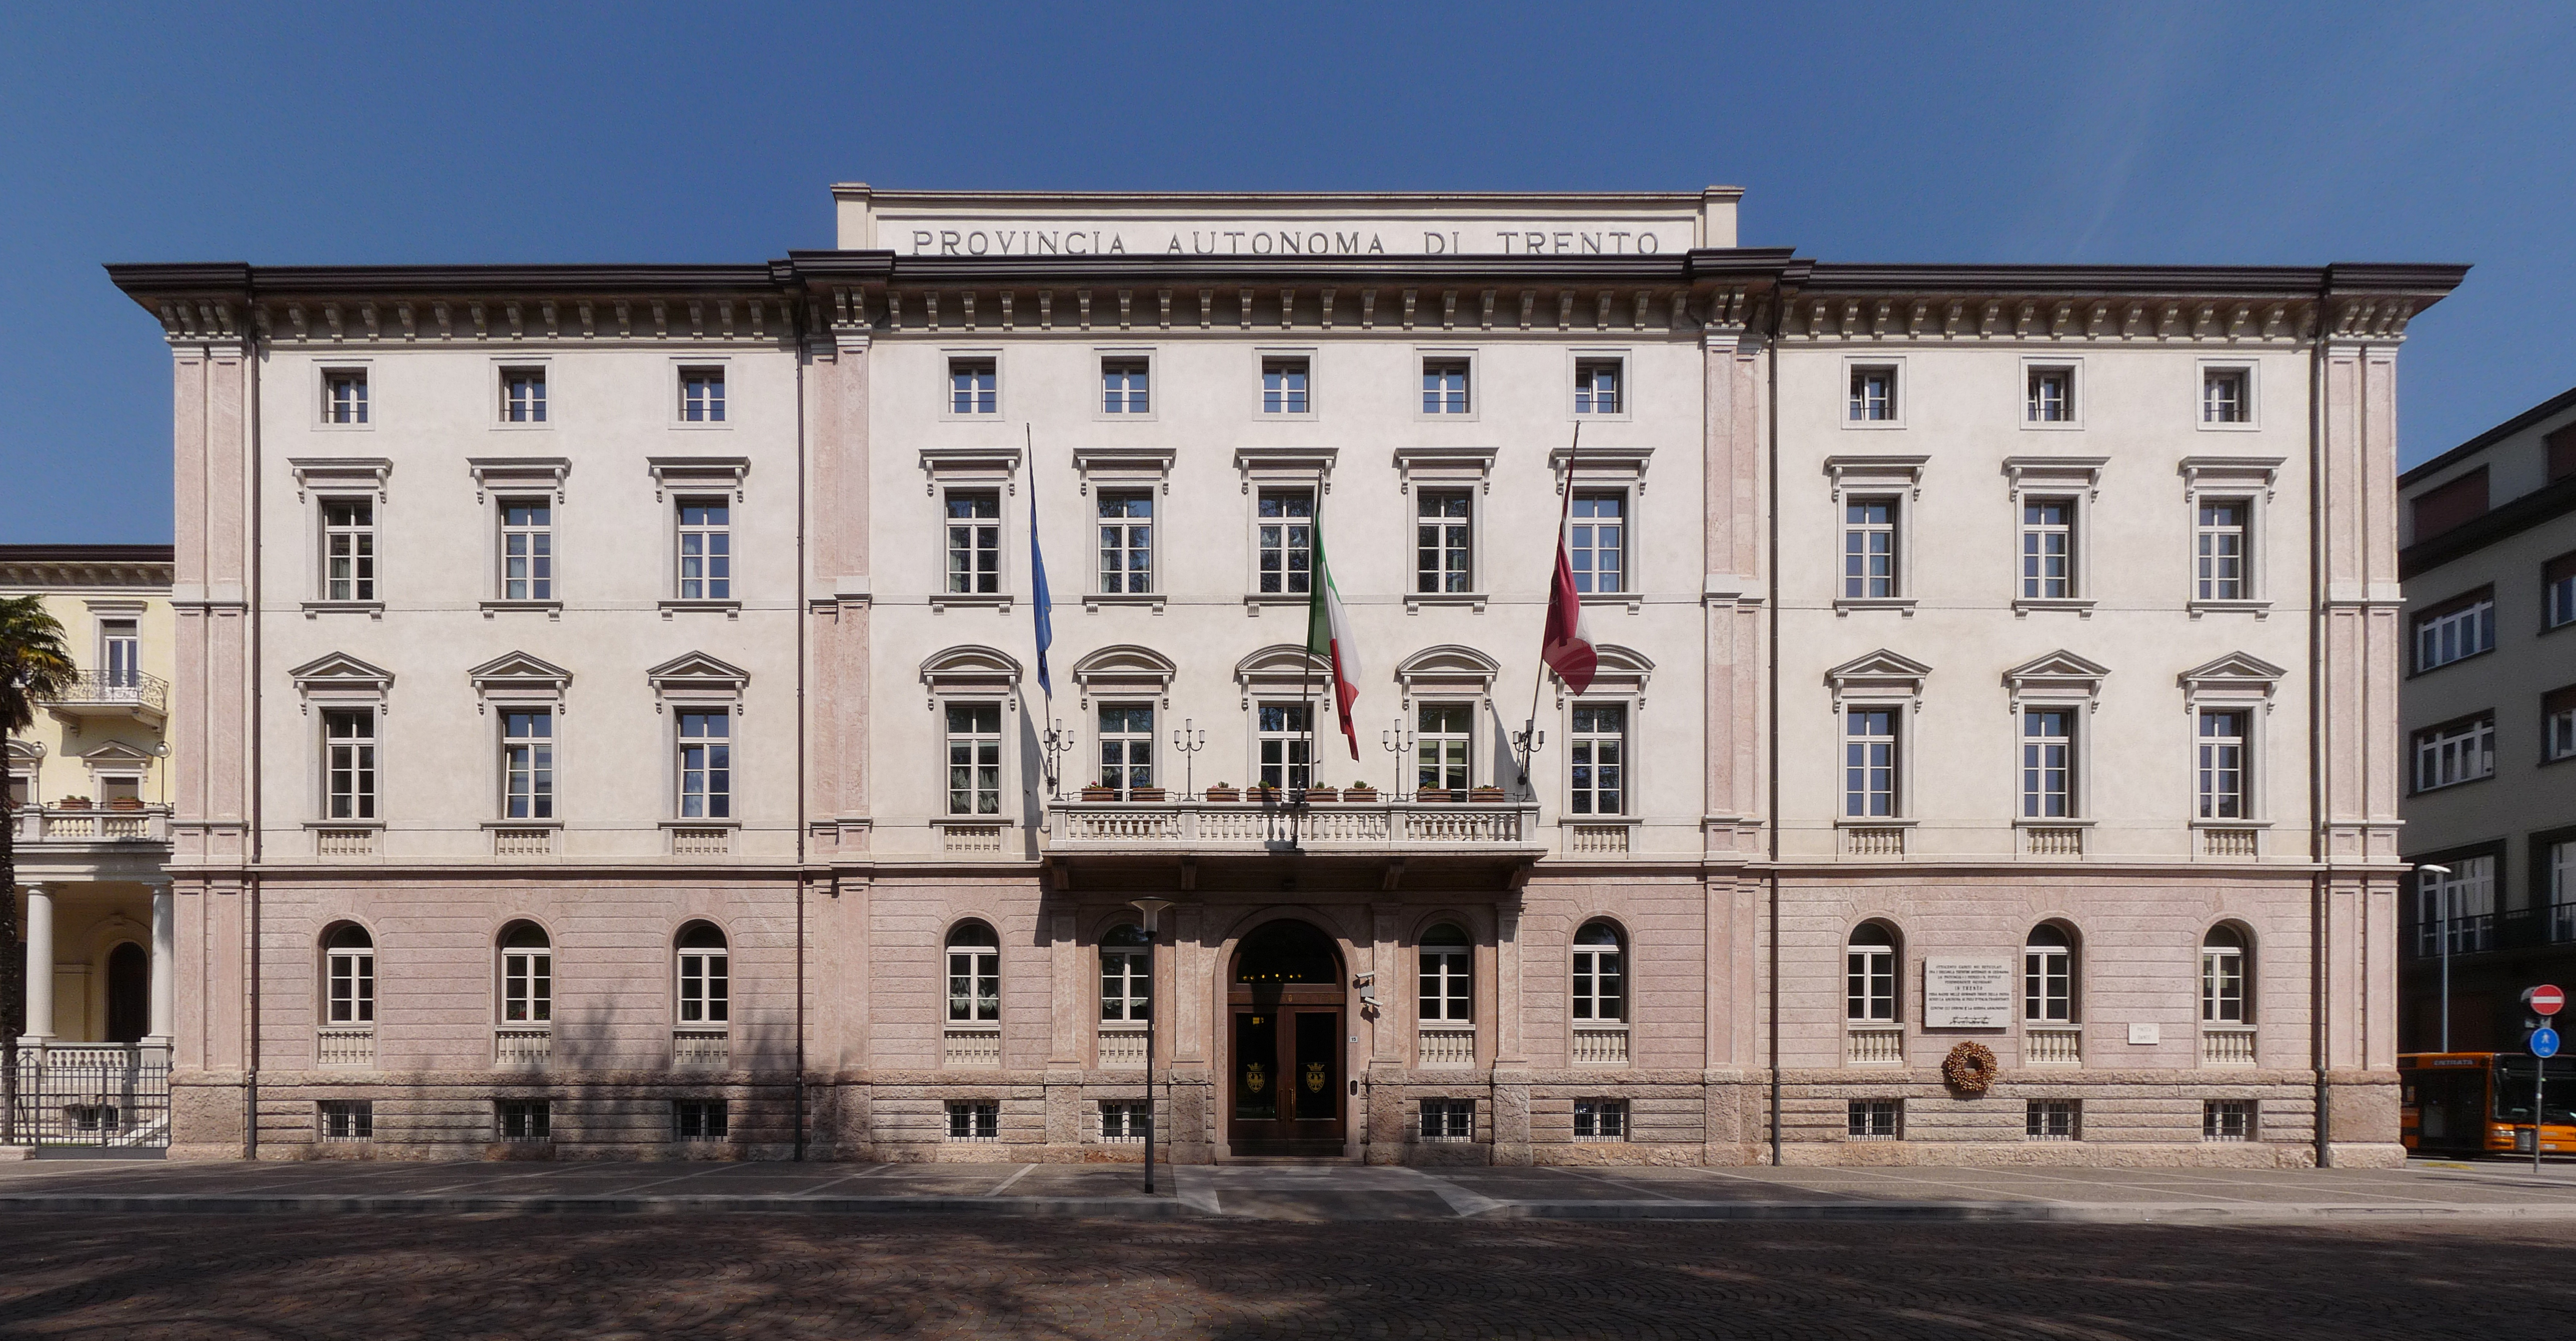 File Trento Palazzo della Provincia Autonoma di Trento front